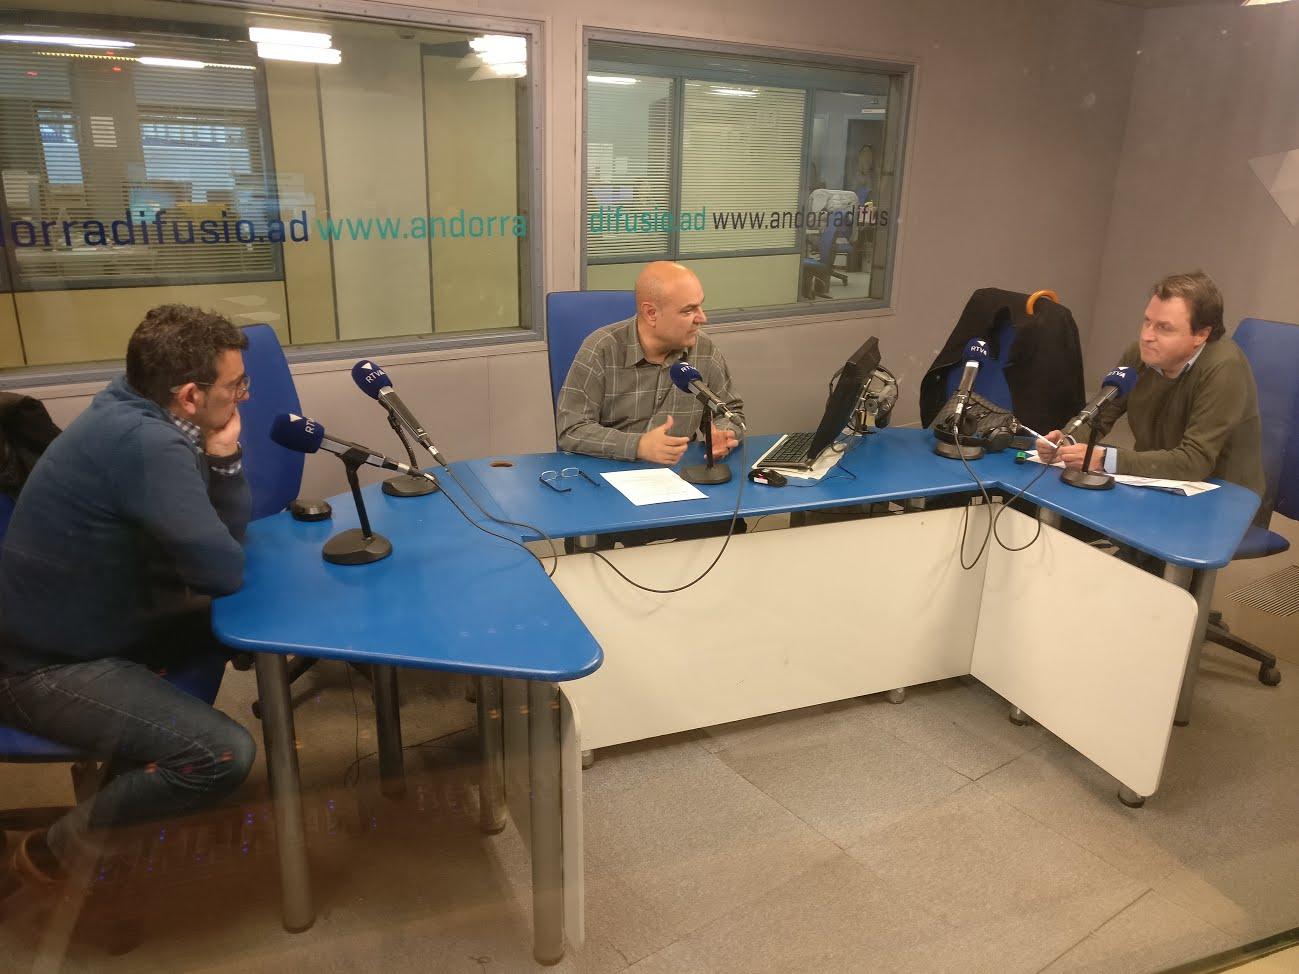 Entrevista a Miquel Canturri i Josep Antoni Cortés